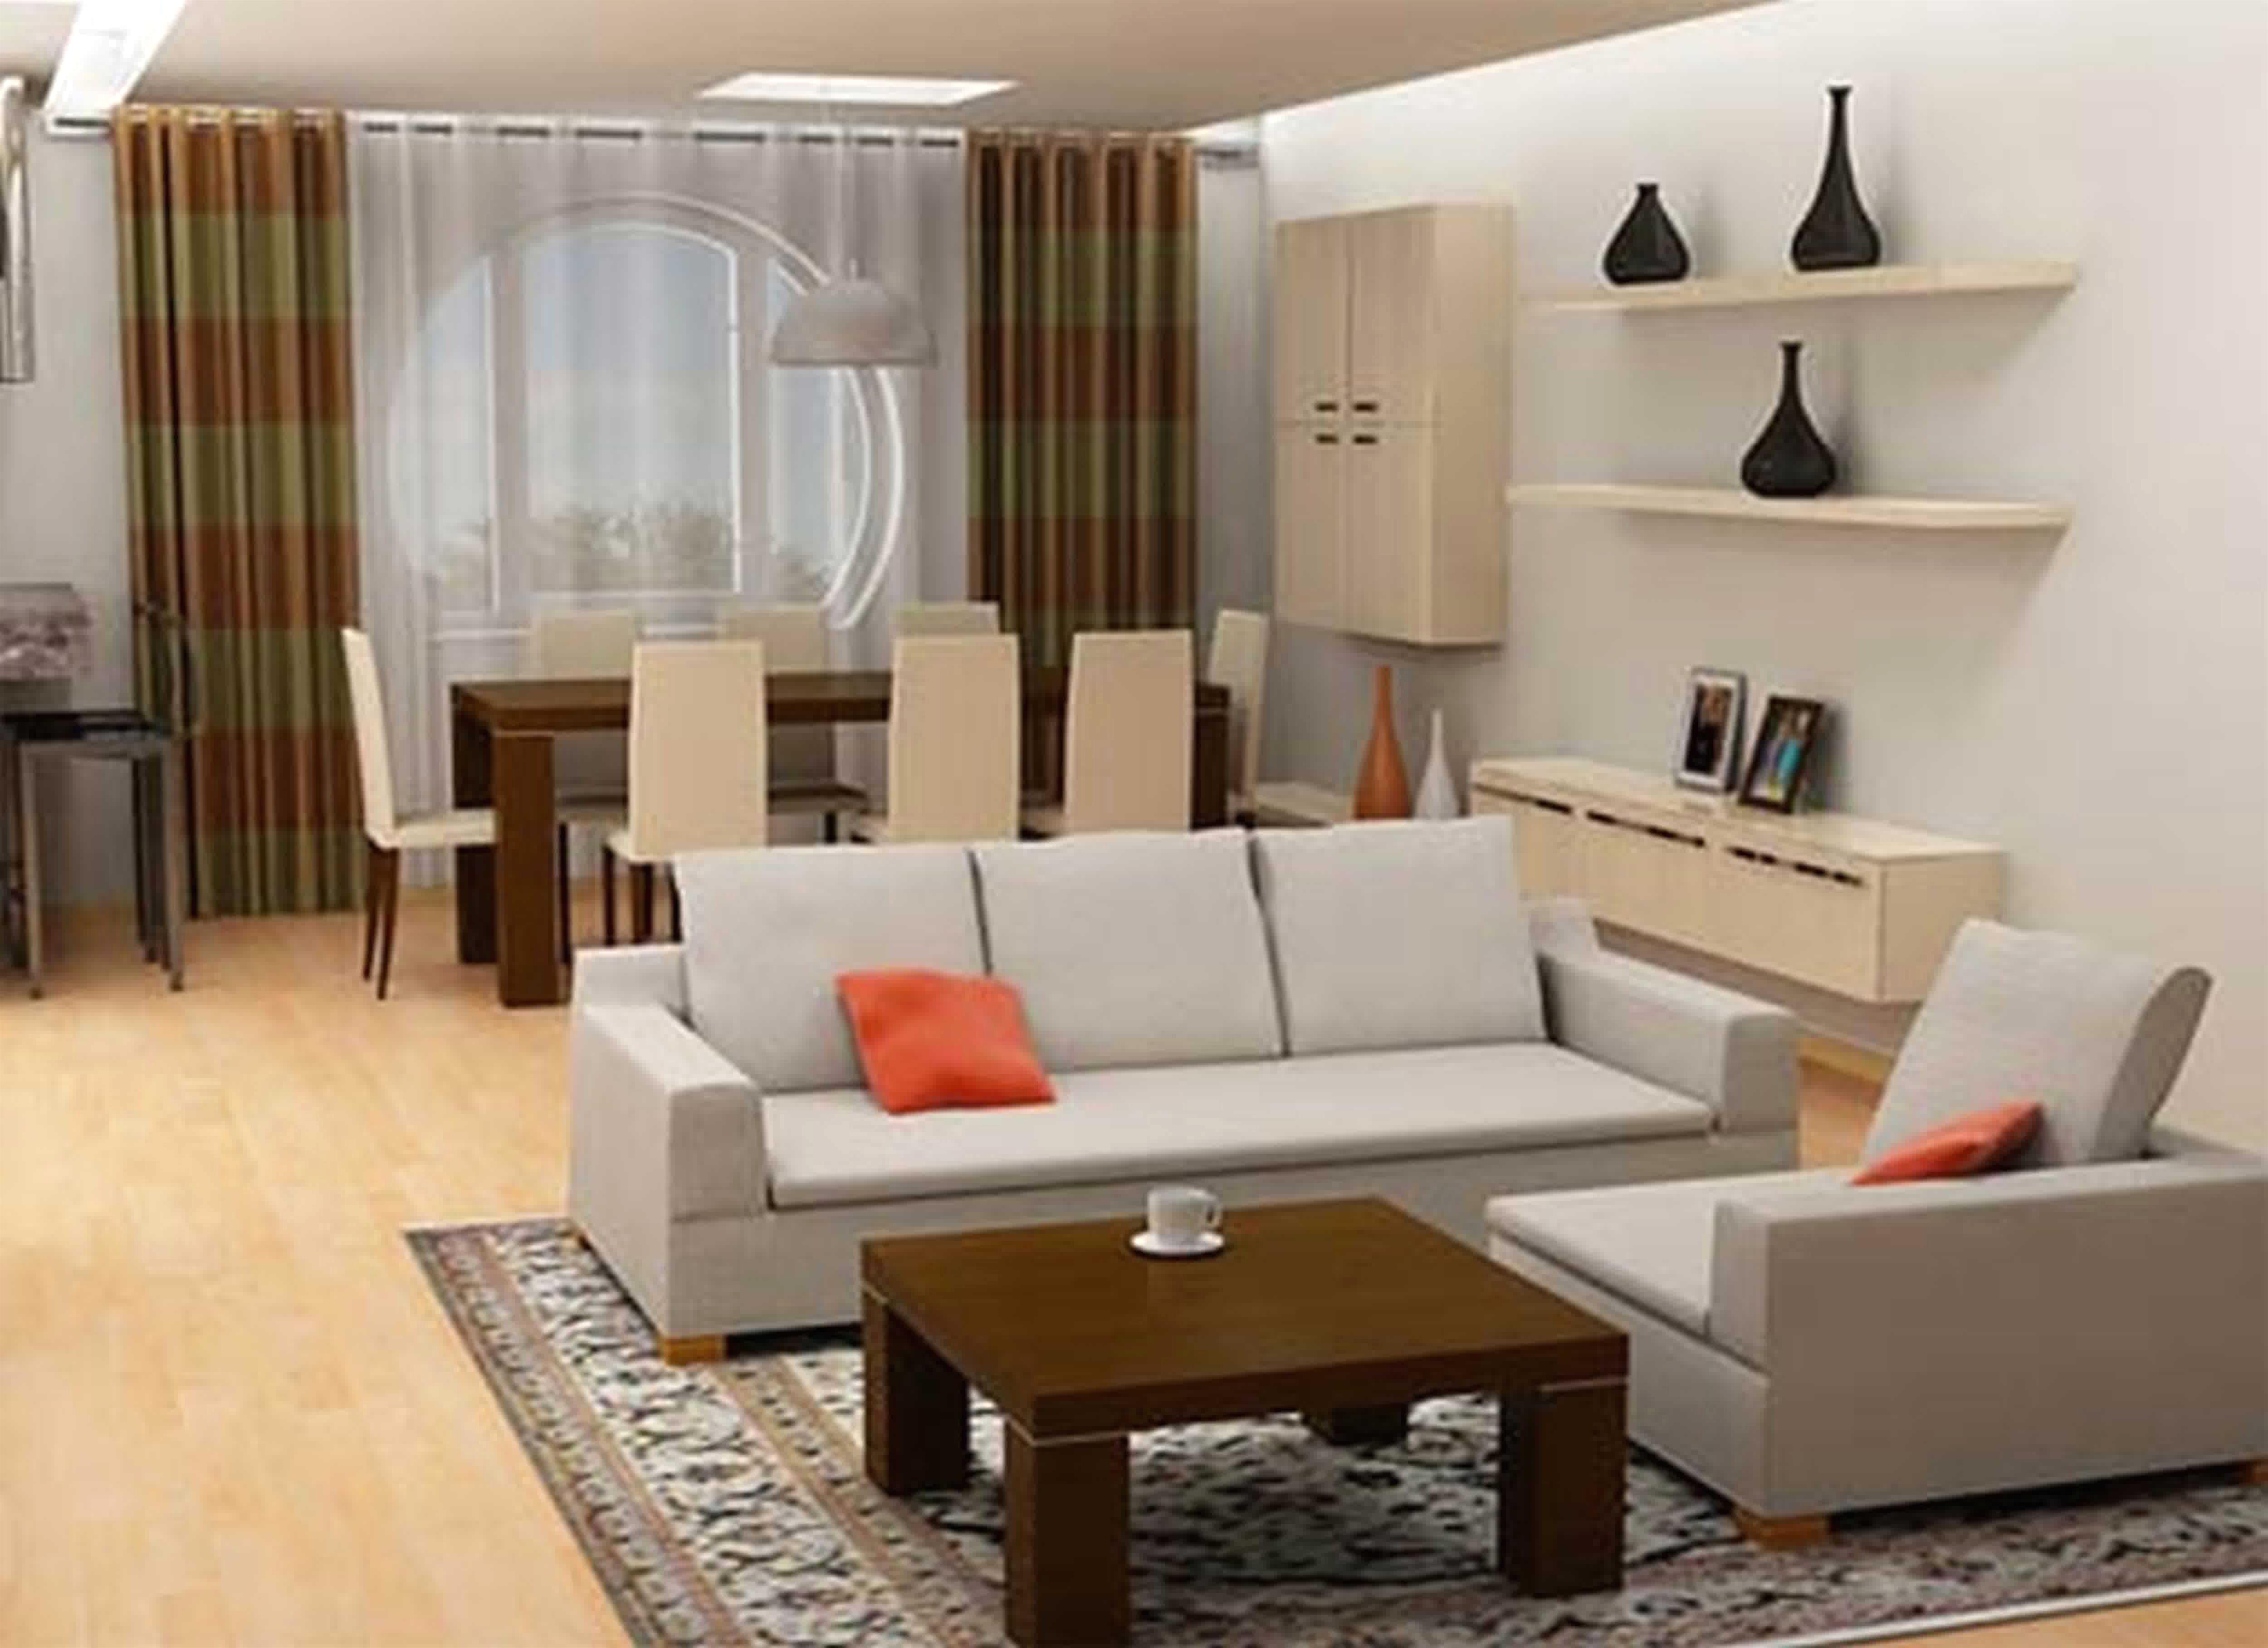 Wohnzimmer Dekorieren Ideen Ausgezeichnet On In Cabiralan Com 7